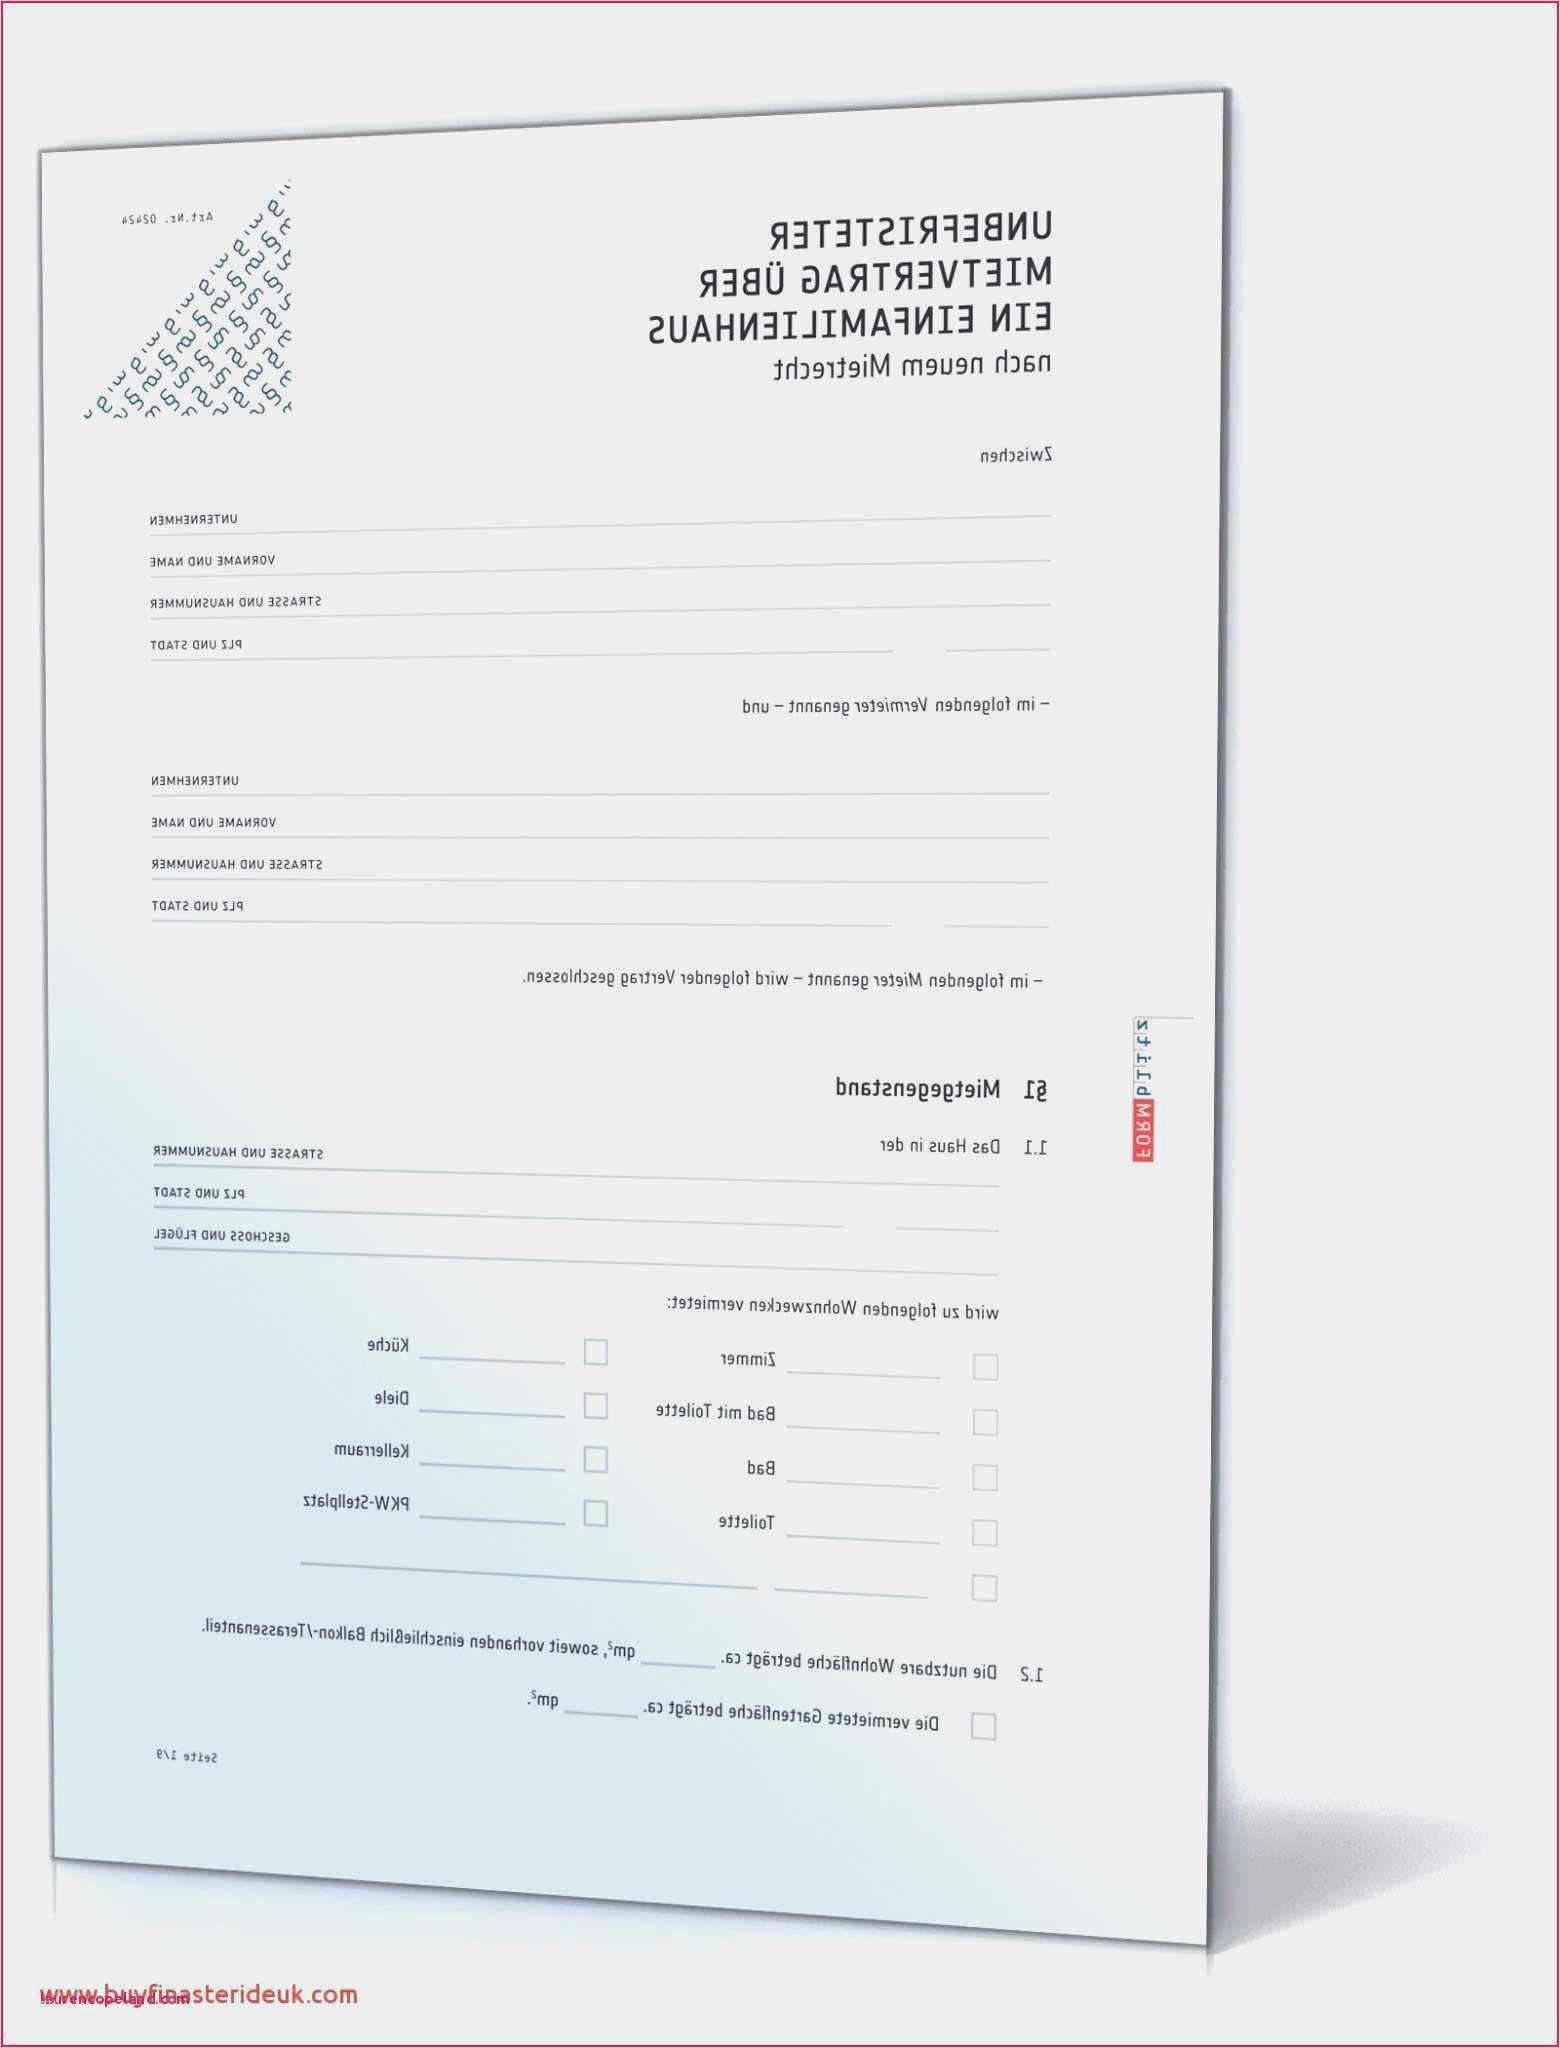 37 Erstaunlich Vorlage Entwicklungsbericht Jugendamt Galerie In 2020 Briefkopf Vorlage Jugendamt Gute Bewerbung